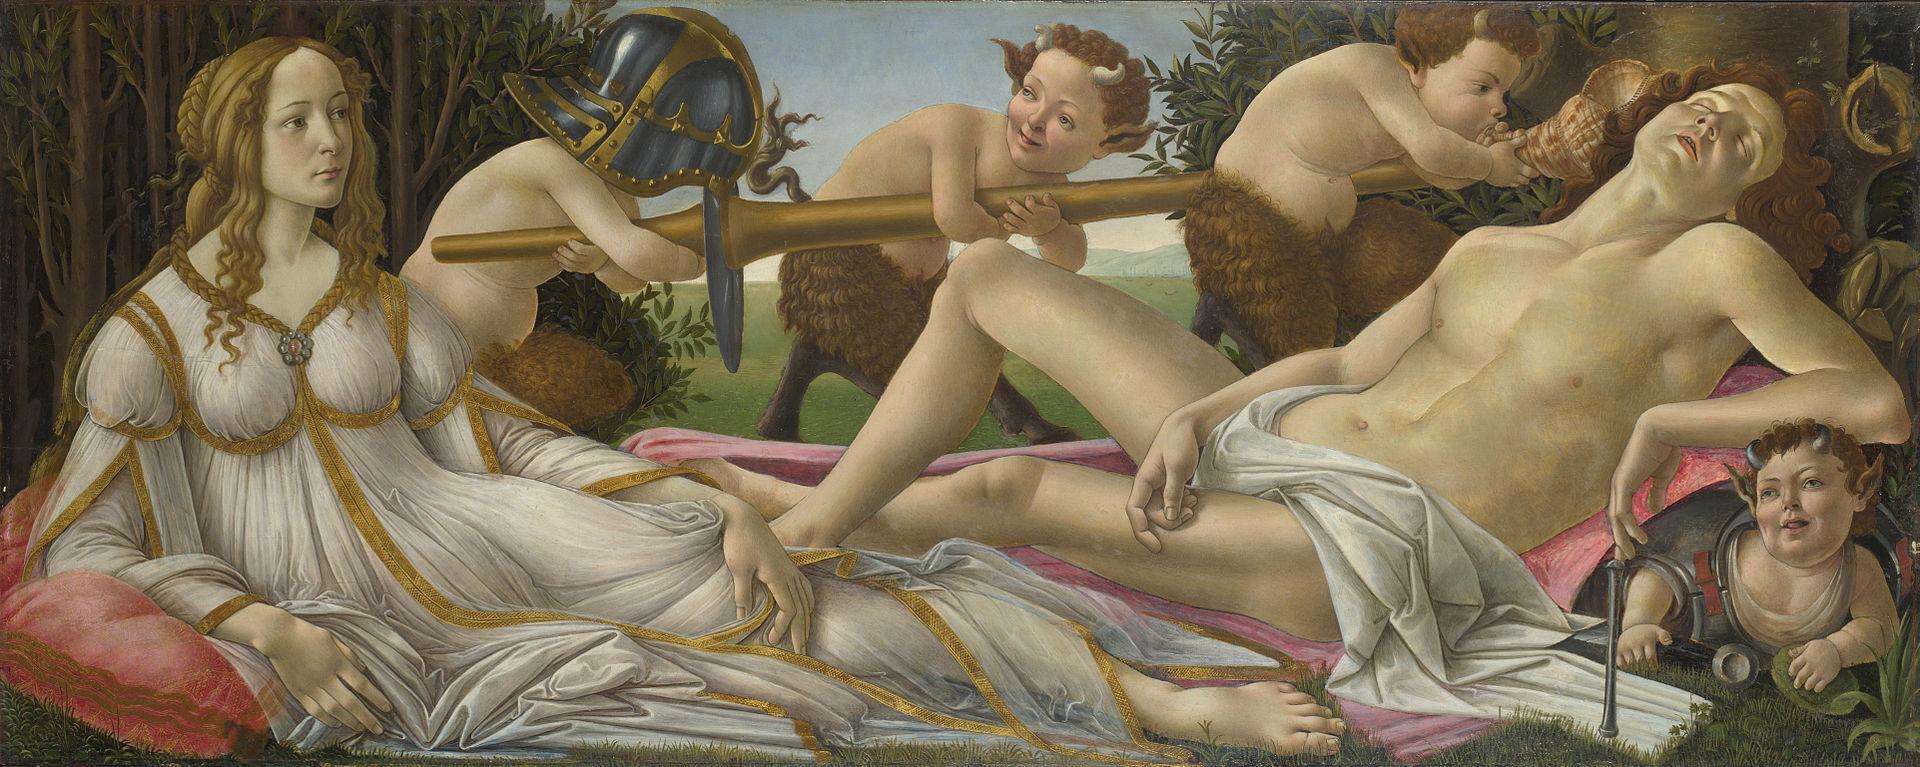 Venus y Marte.